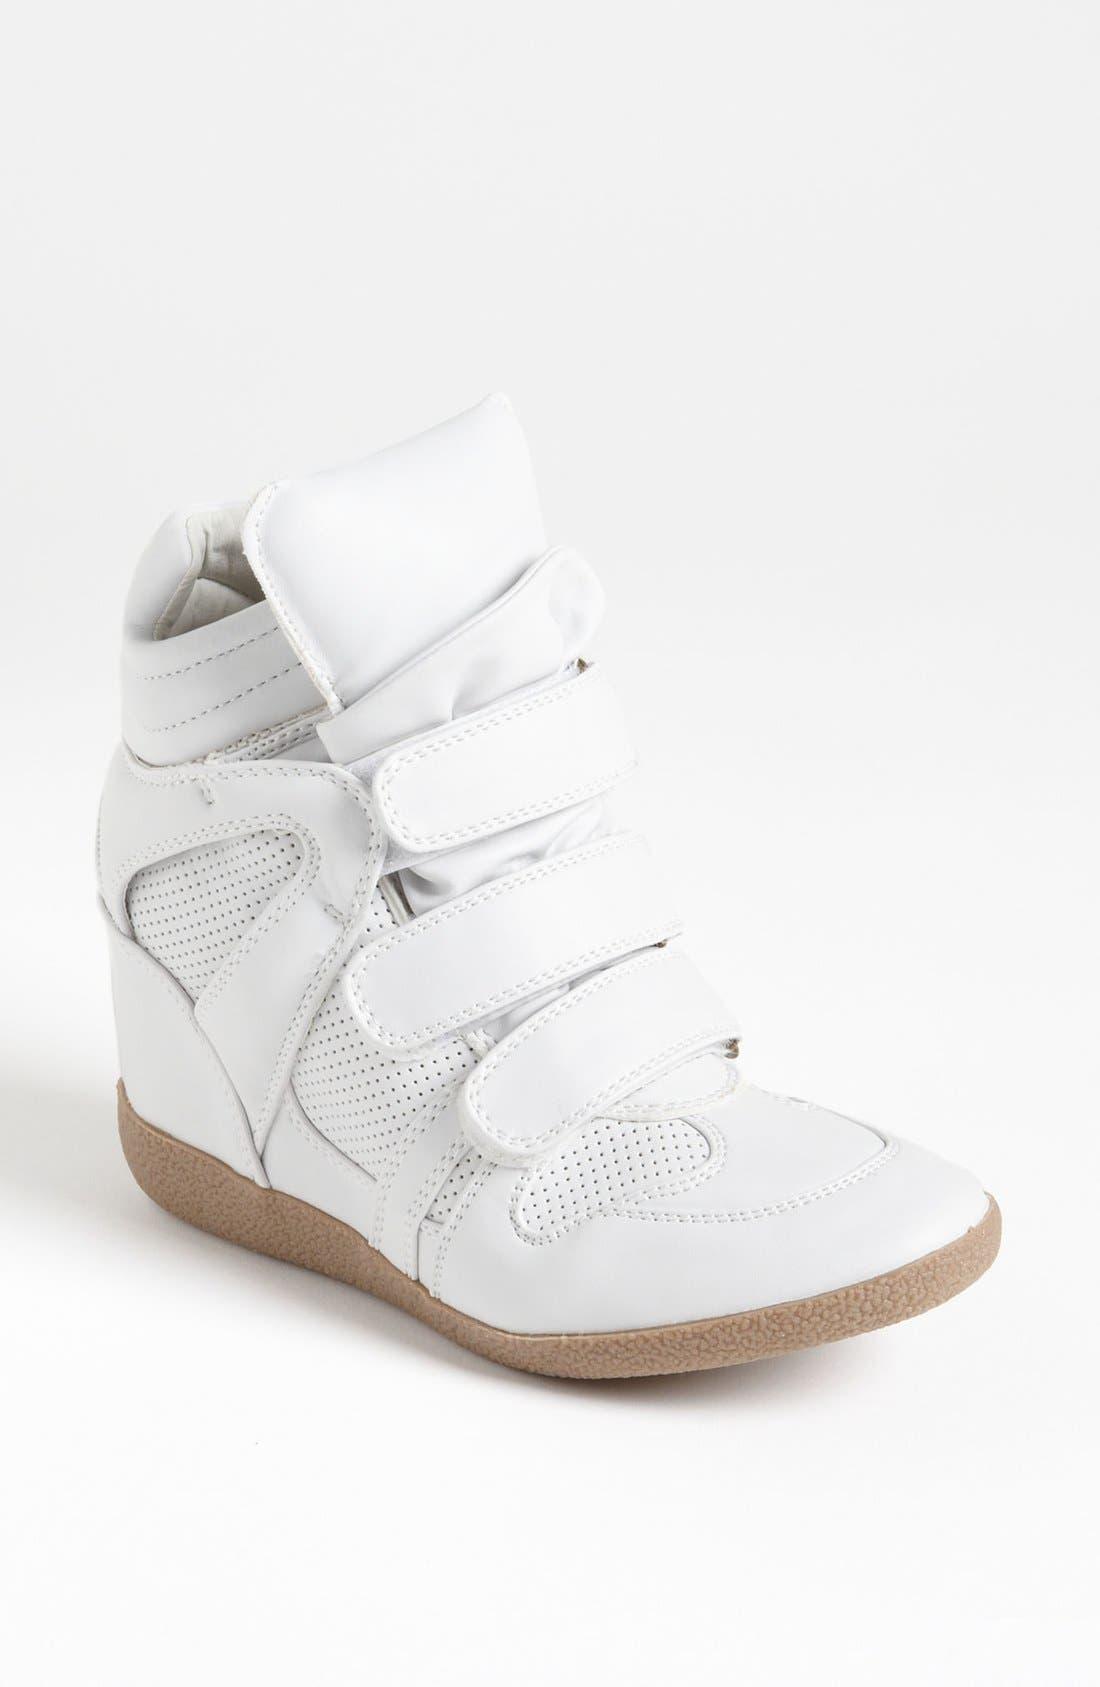 Main Image - Steve Madden 'Hilight' Wedge Sneaker